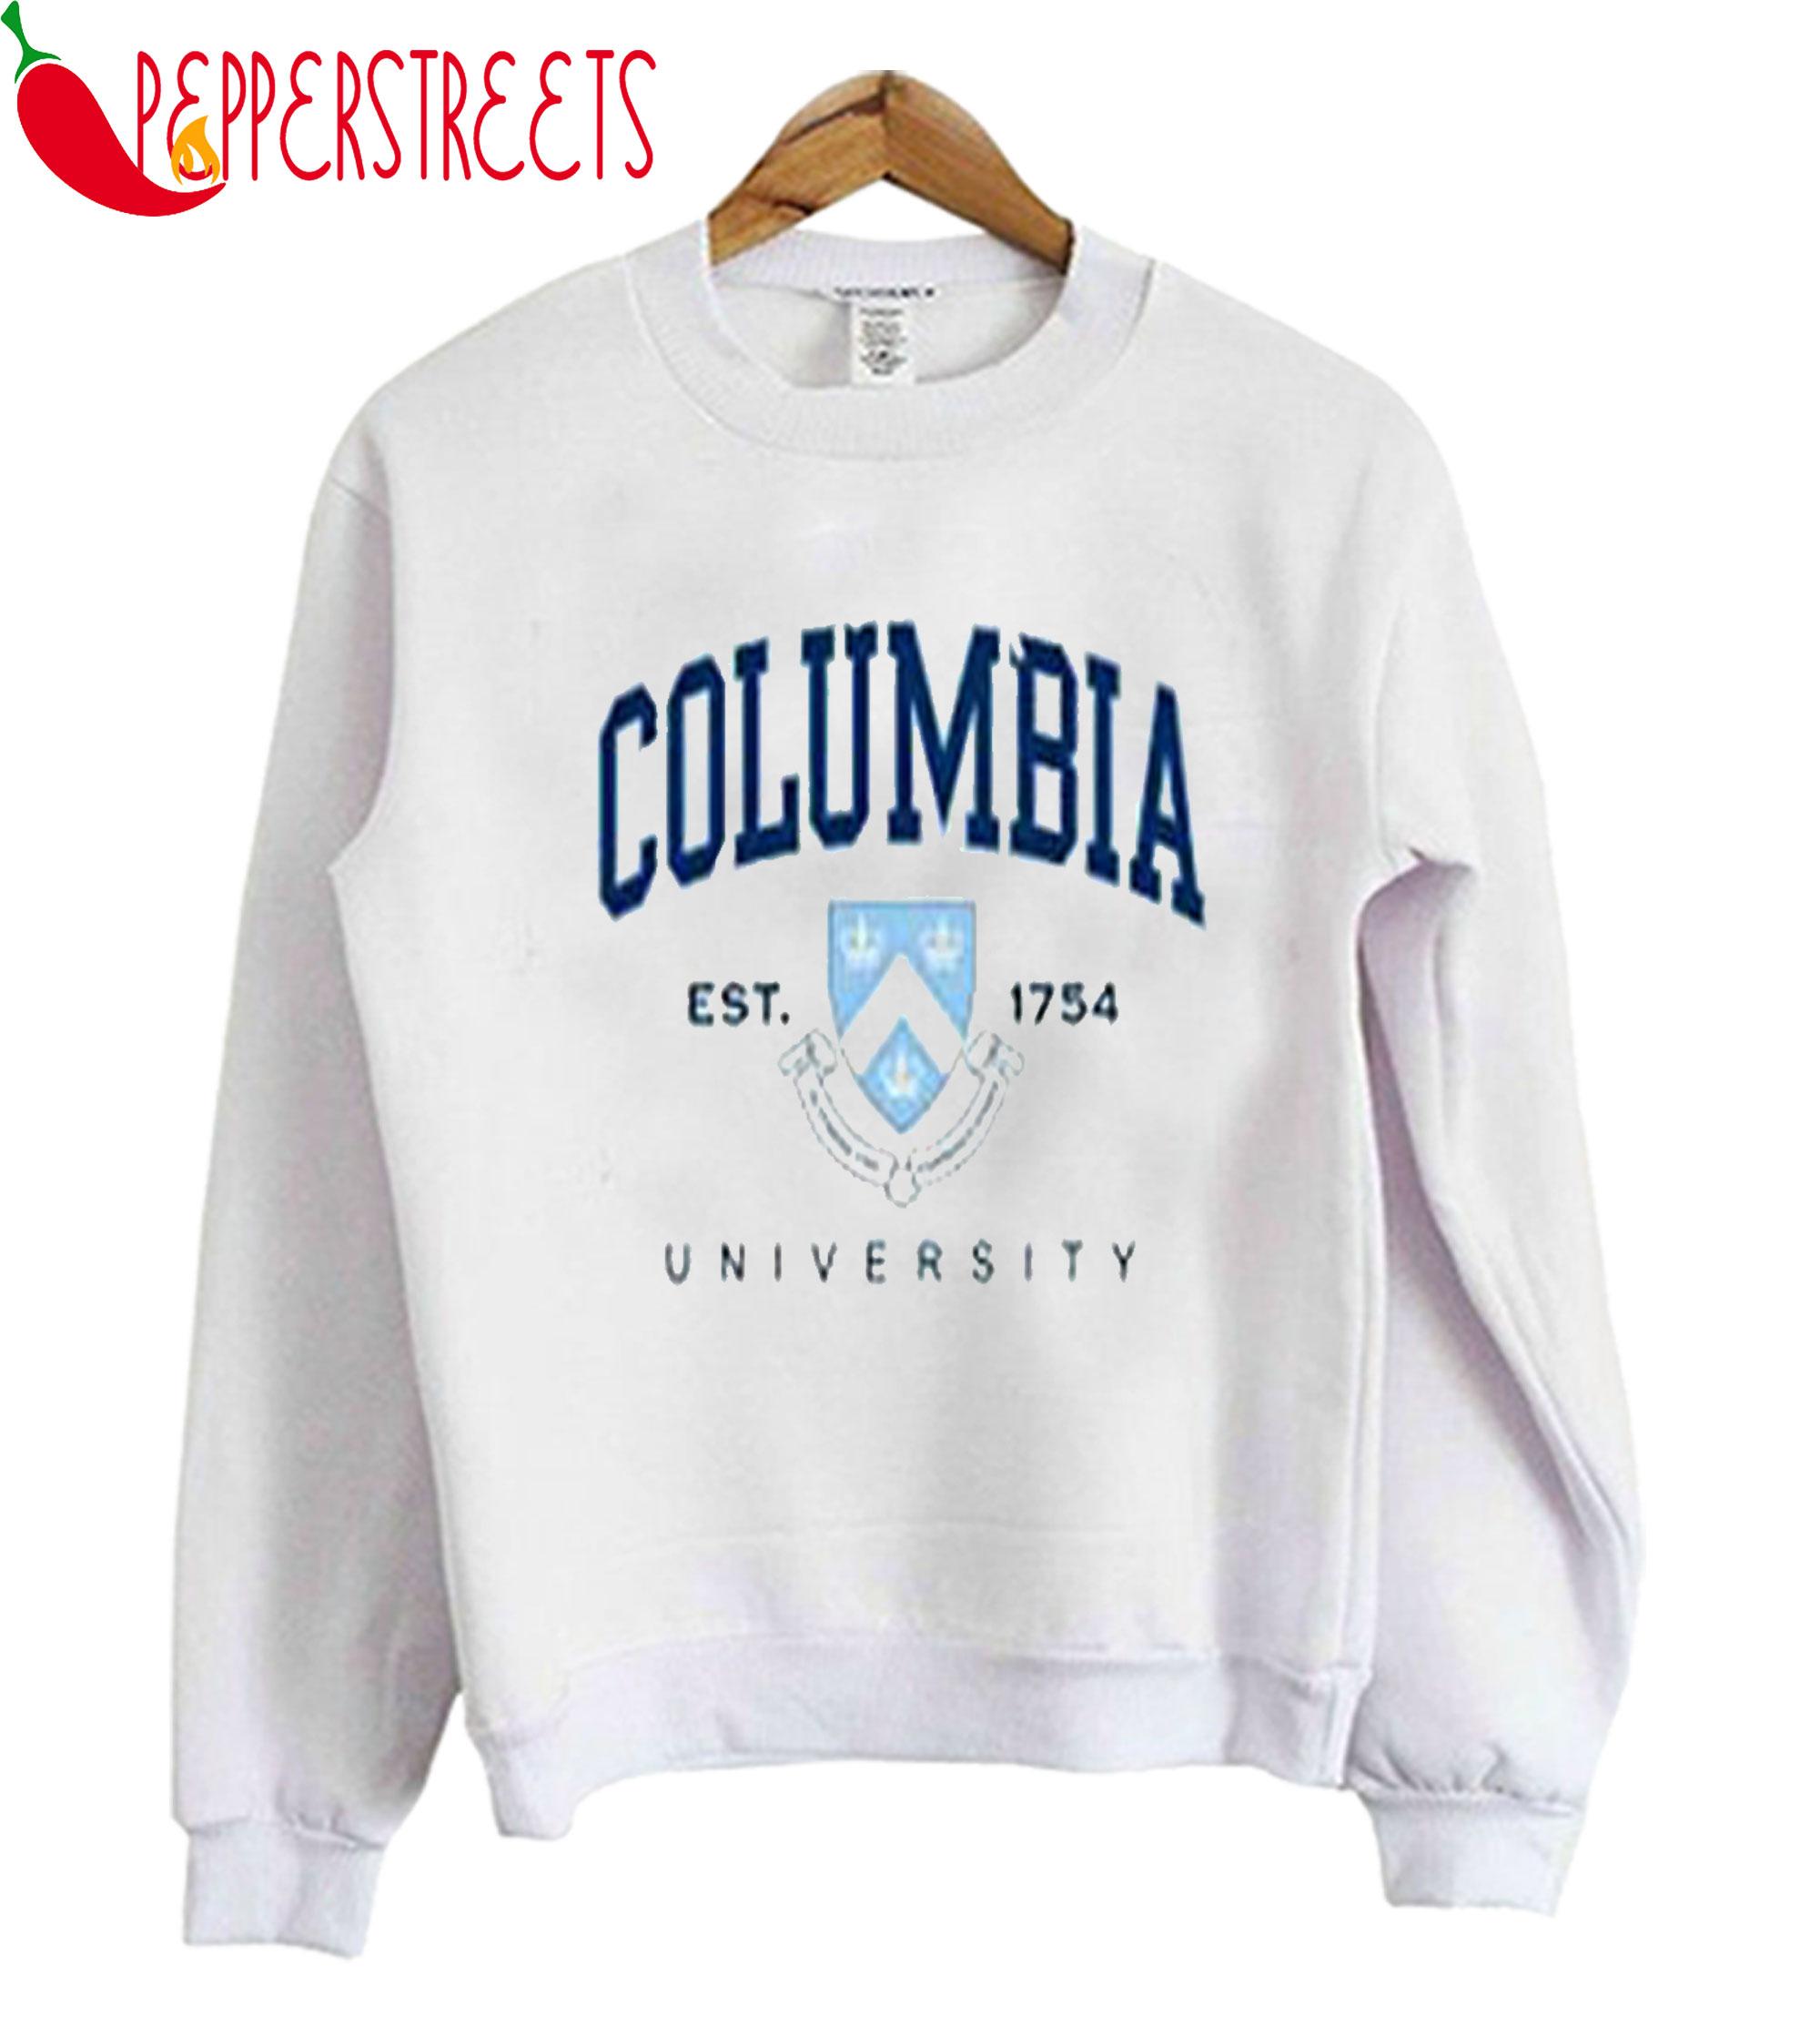 Columbia University Sweatshirt